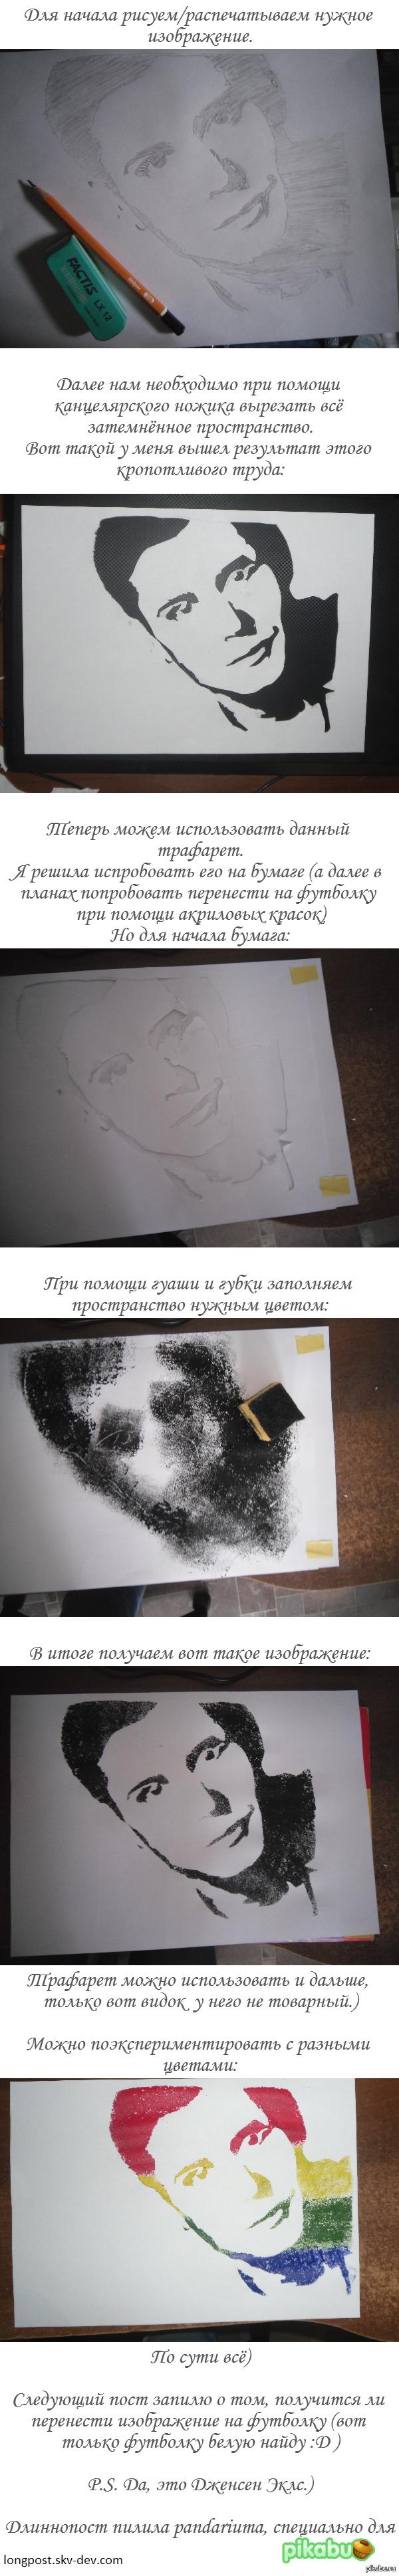 """Немного рукоделия. Трафаретик.    P.S. и всё таки википедия говорит, что правильно Эклс, а не Эклз.    Навеяно постом <a href=""""http://pikabu.ru/story/salvador_popart_khlopok_2570622"""">http://pikabu.ru/story/_2570622</a>"""